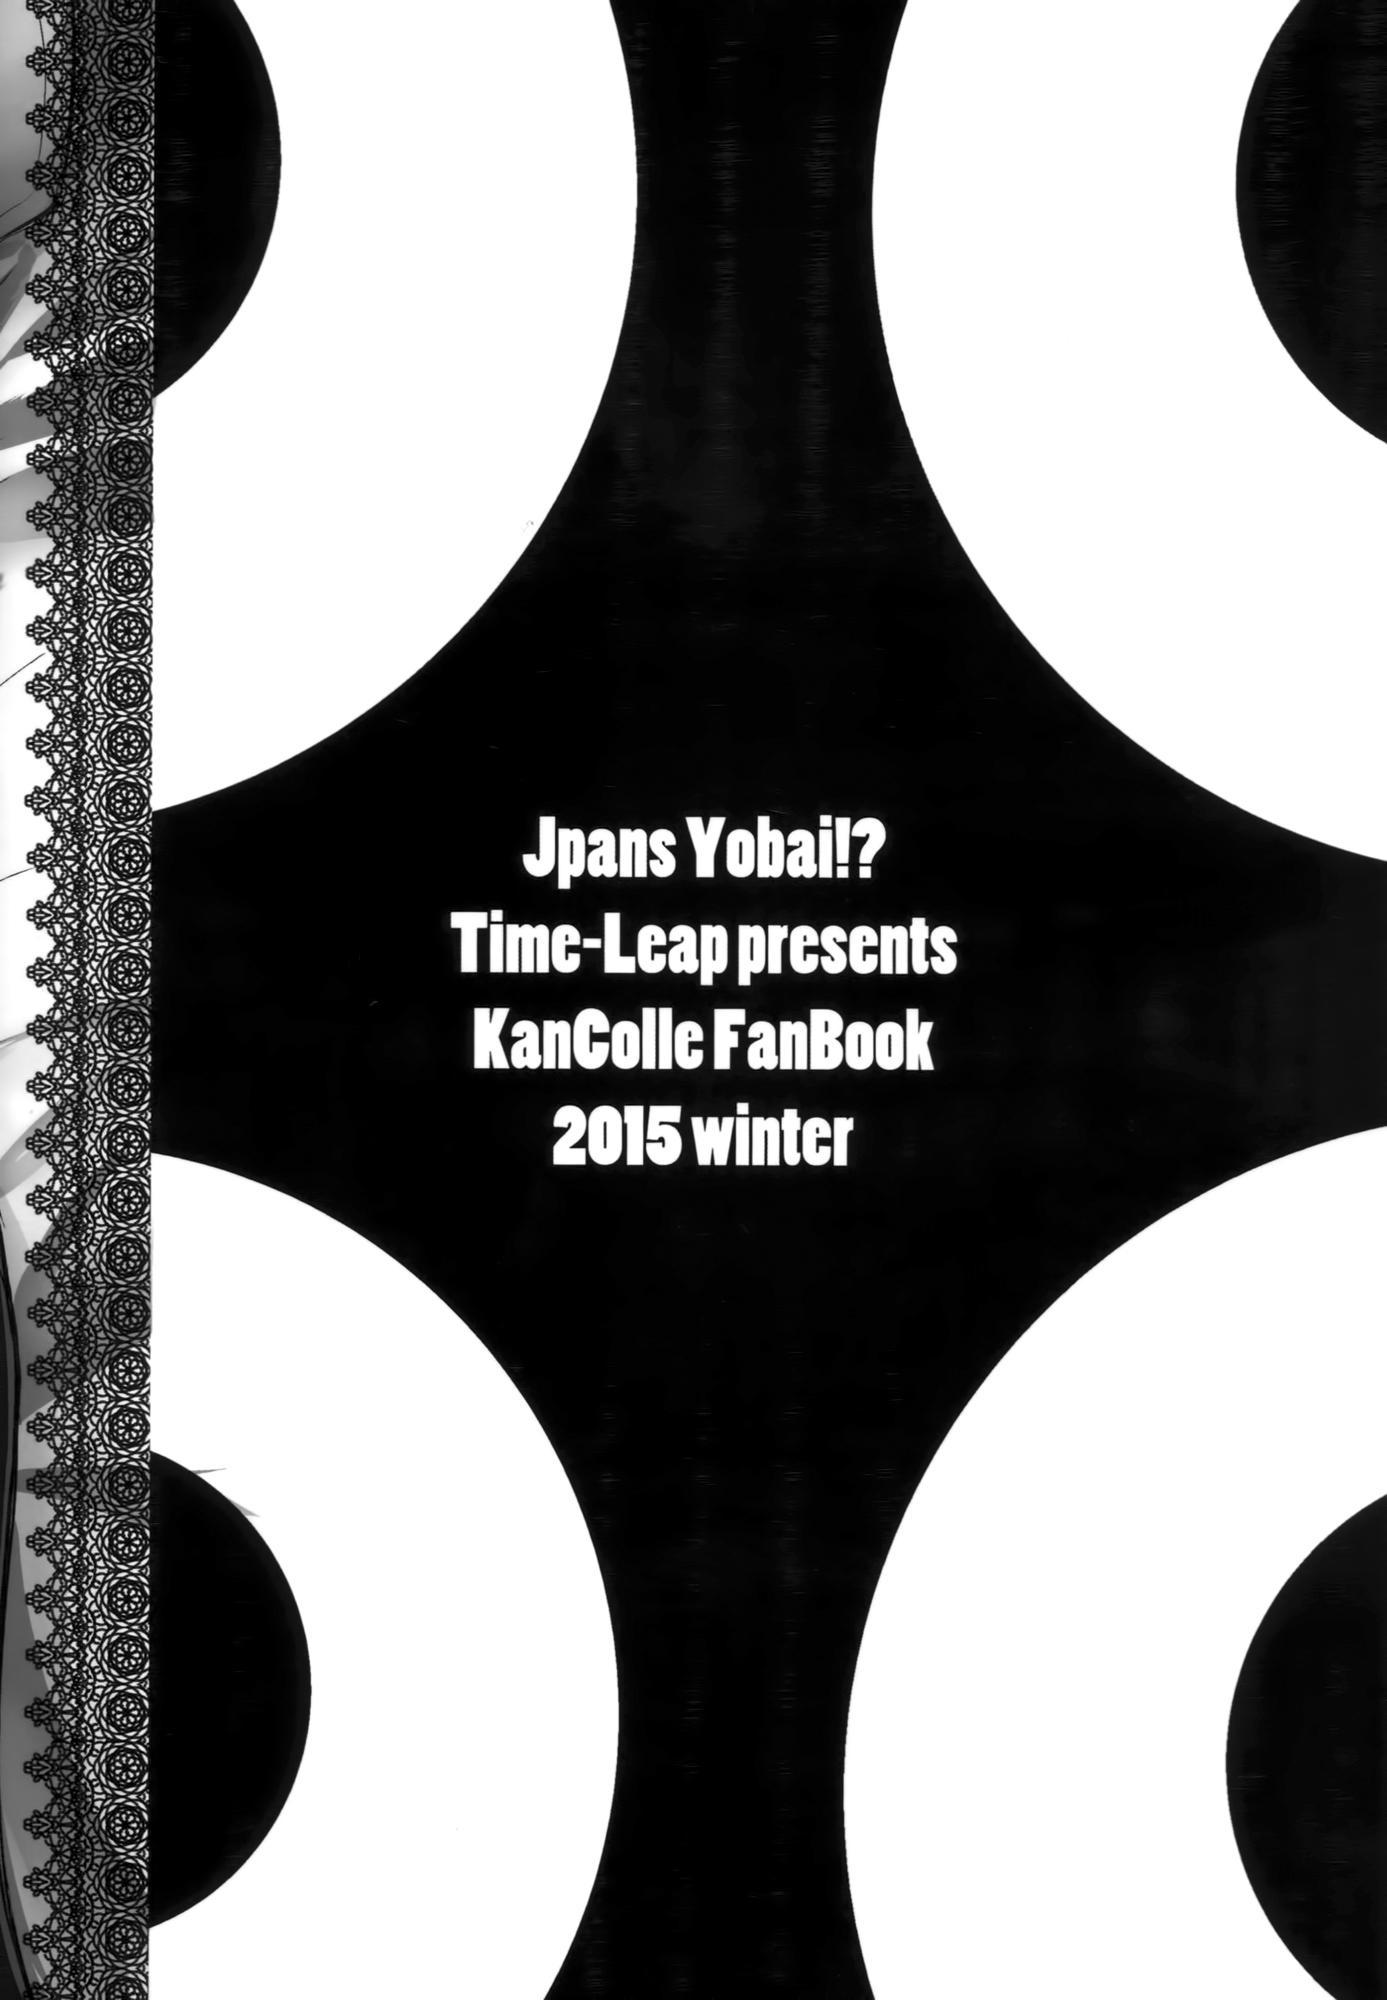 Japans Yobai!? 22